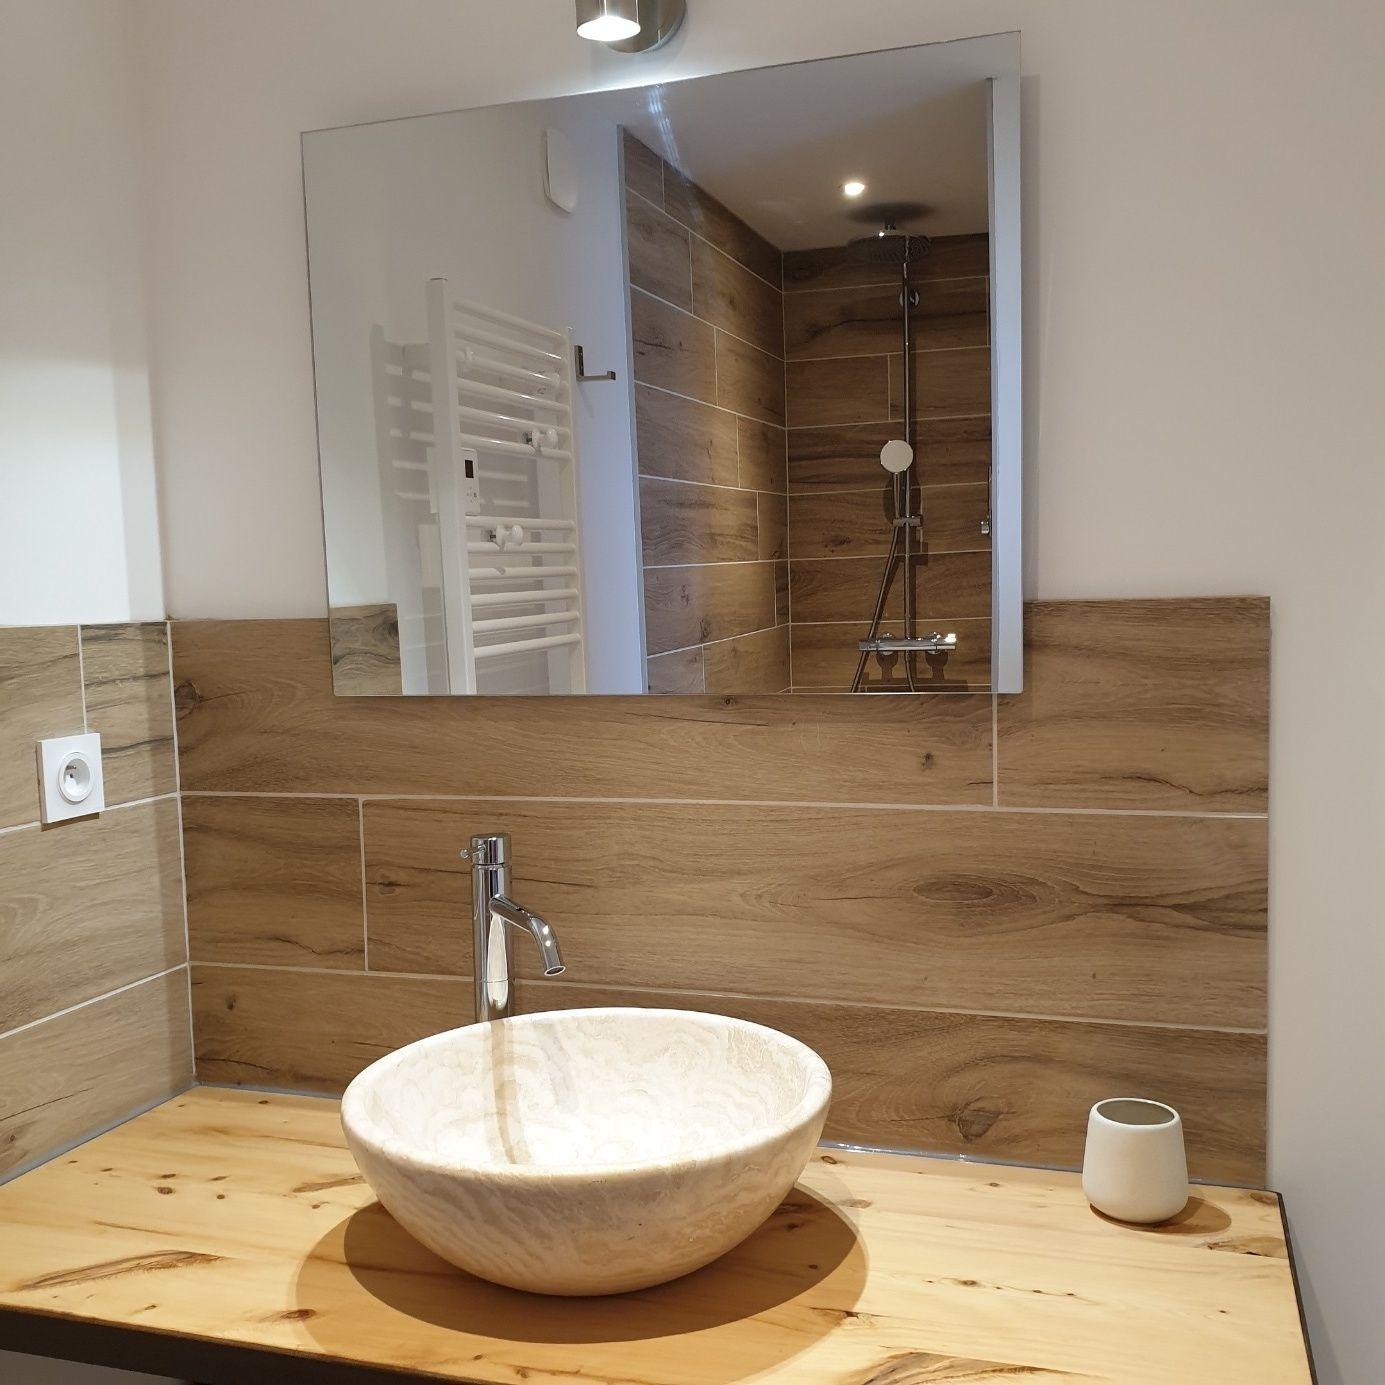 salle-de-bain-chambres-d-hotes-de-charme-gite-etape-montbrun-provence